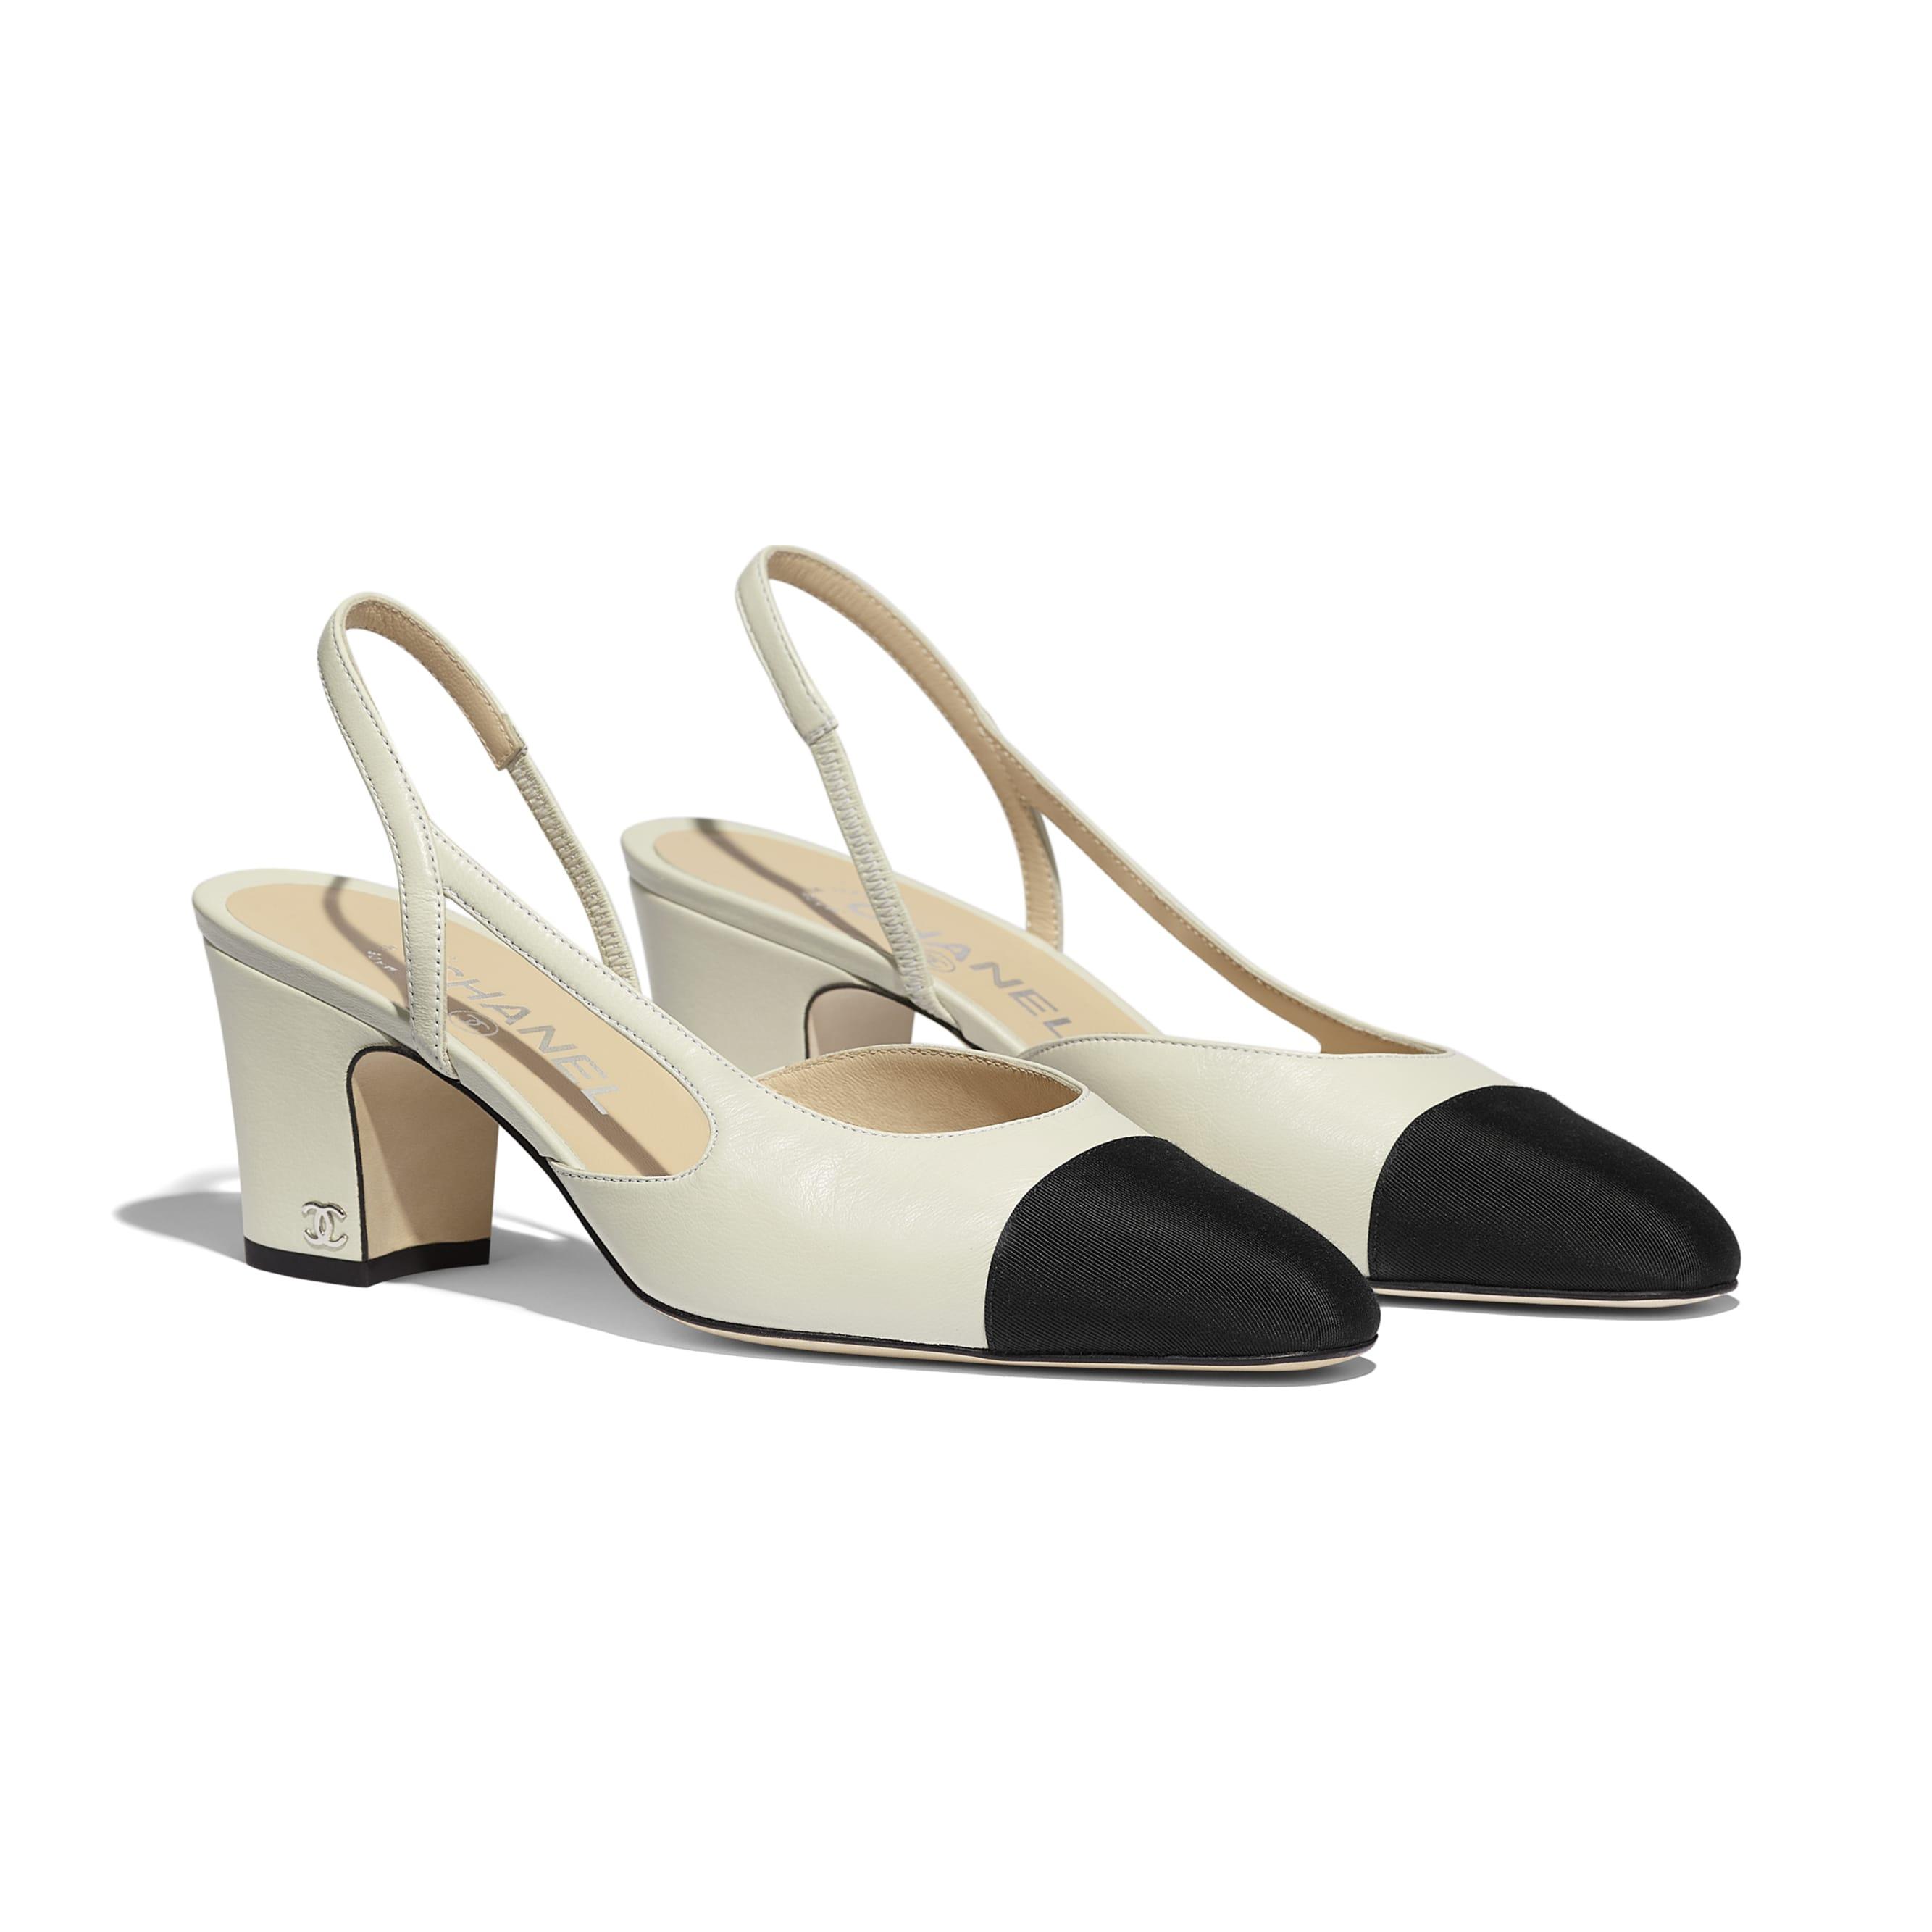 Туфли-лодочки - Цвет слоновой кости и черный - Кожа ягненка и шелковая ткань - Альтернативный вид - посмотреть изображение стандартного размера